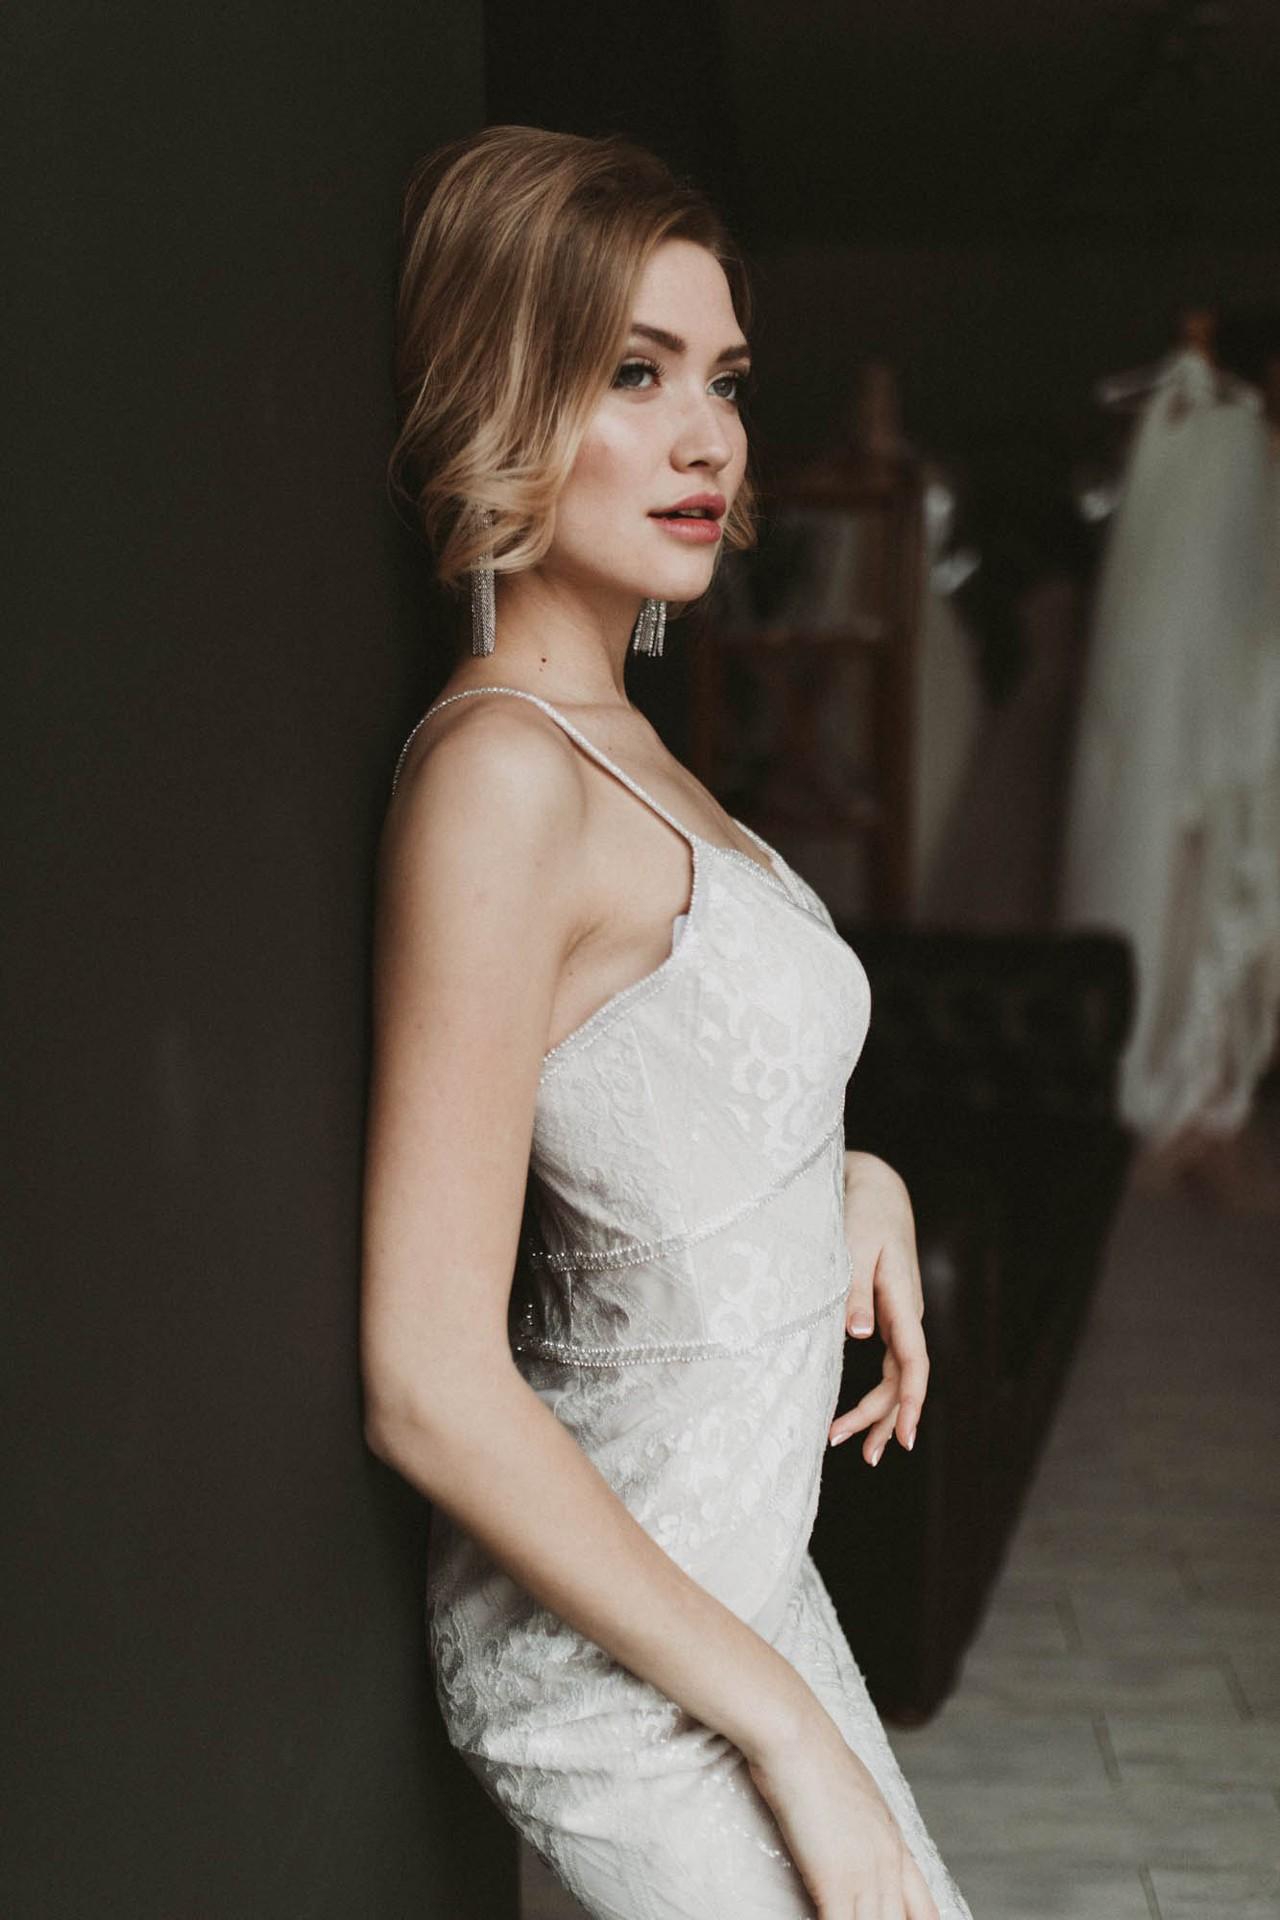 Не платье конечно но не менее секси